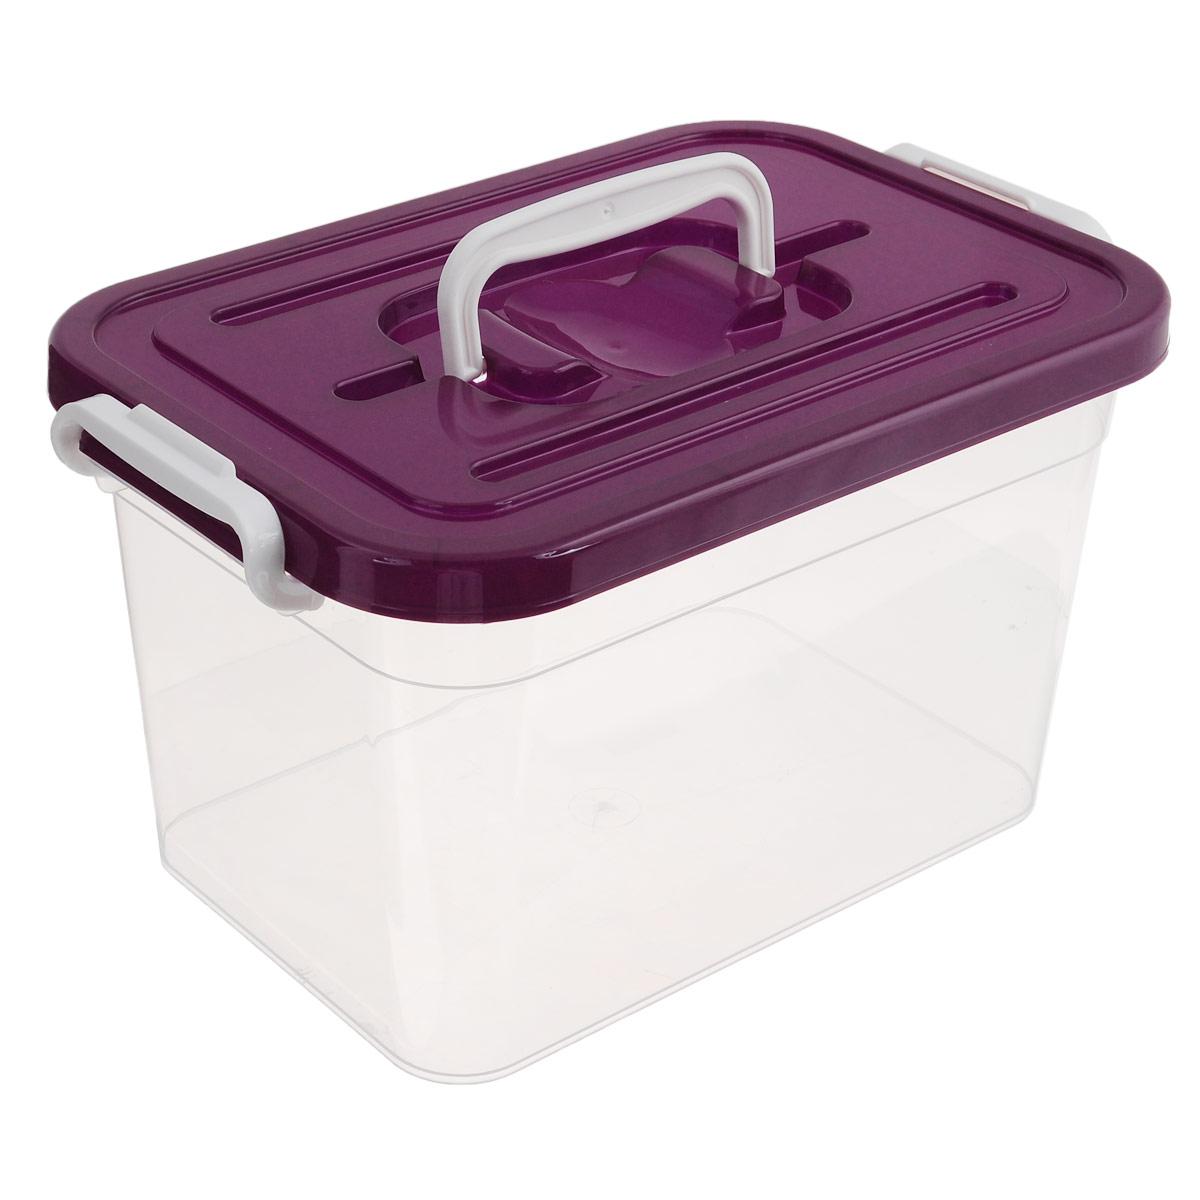 Контейнер для хранения Полимербыт, цвет: бордовый, 10 лU210DFКонтейнер для хранения Полимербыт выполнен из высококачественного пищевого пластика. Контейнер снабжен удобной ручкой и двумя пластиковыми фиксаторами по бокам, придающими дополнительную надежность закрывания крышки. Вместительный контейнер позволит сохранить различные нужные вещи в порядке, а герметичная крышка предотвратит случайное открывание, защитит содержимое от пыли и грязи. Объем: 10 л.